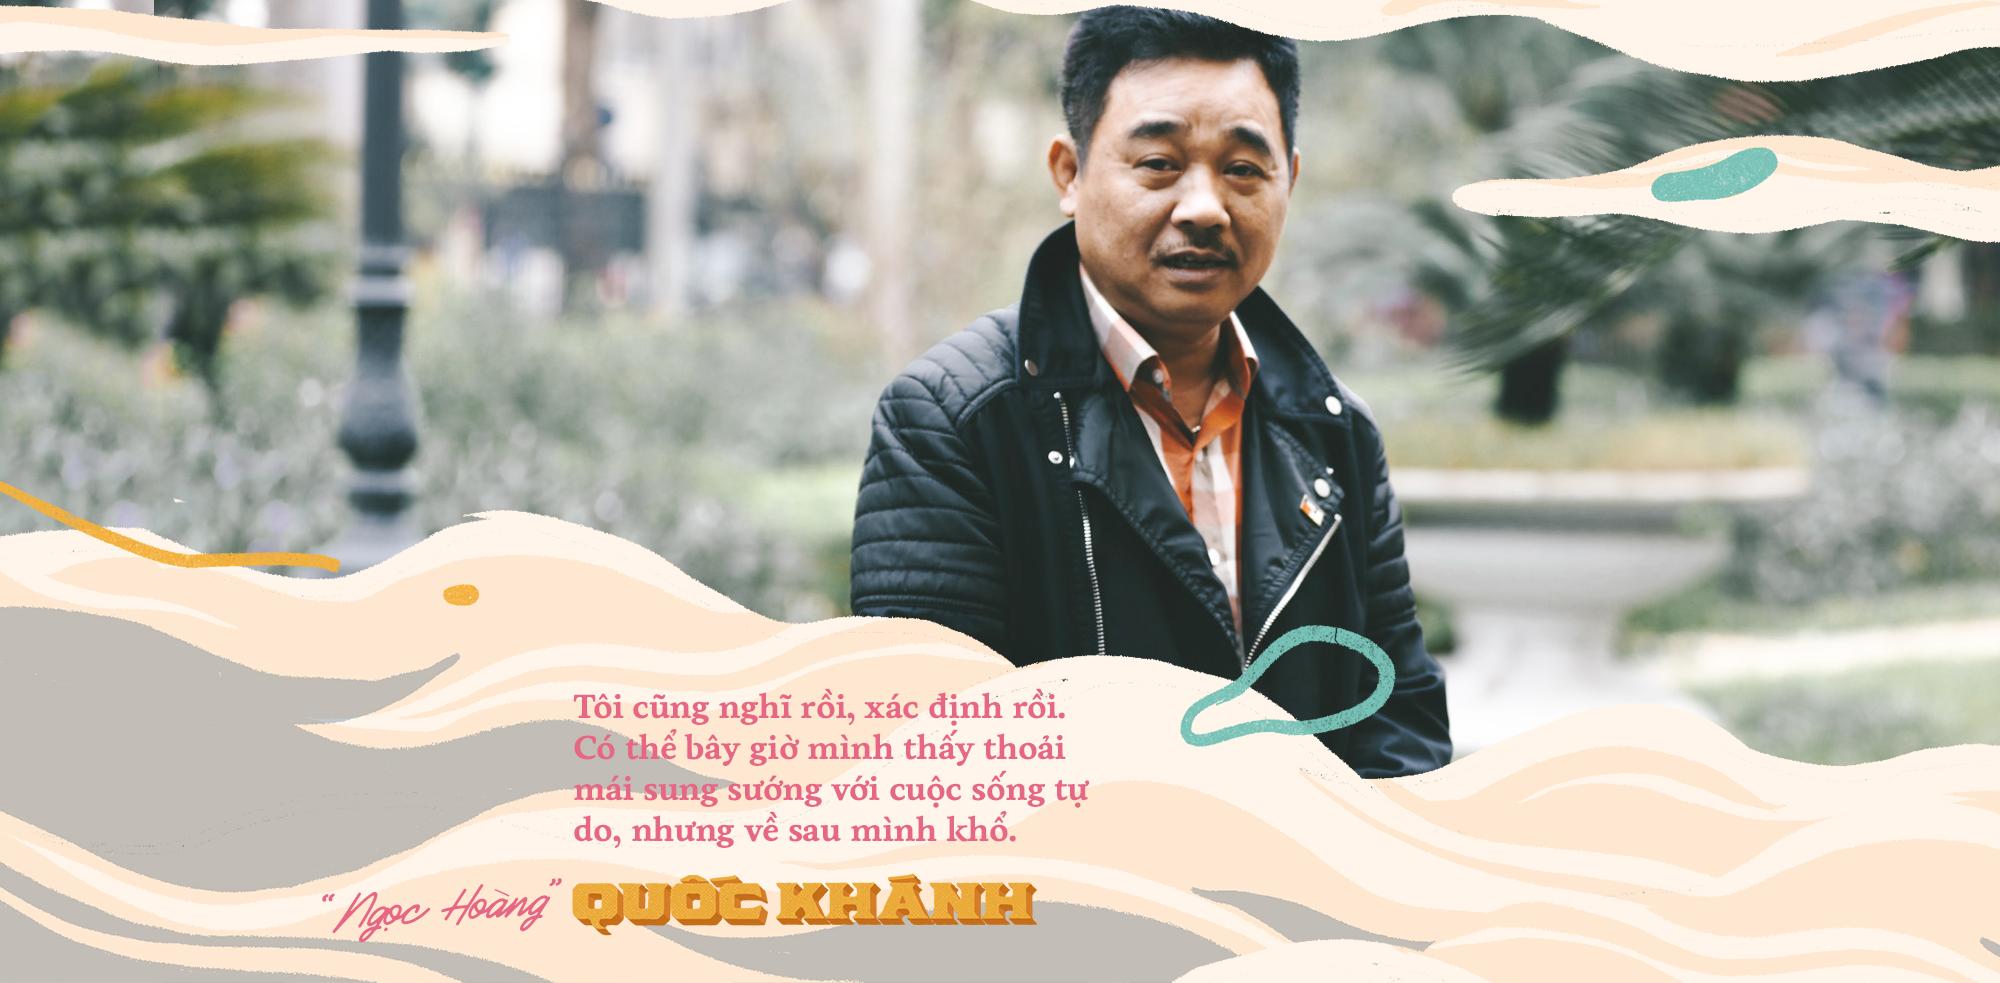 Ngọc Hoàng Quốc Khánh: Tôi chọn tự do, sau này về già chịu cảnh đau đớn không ai chăm sóc - Ảnh 5.